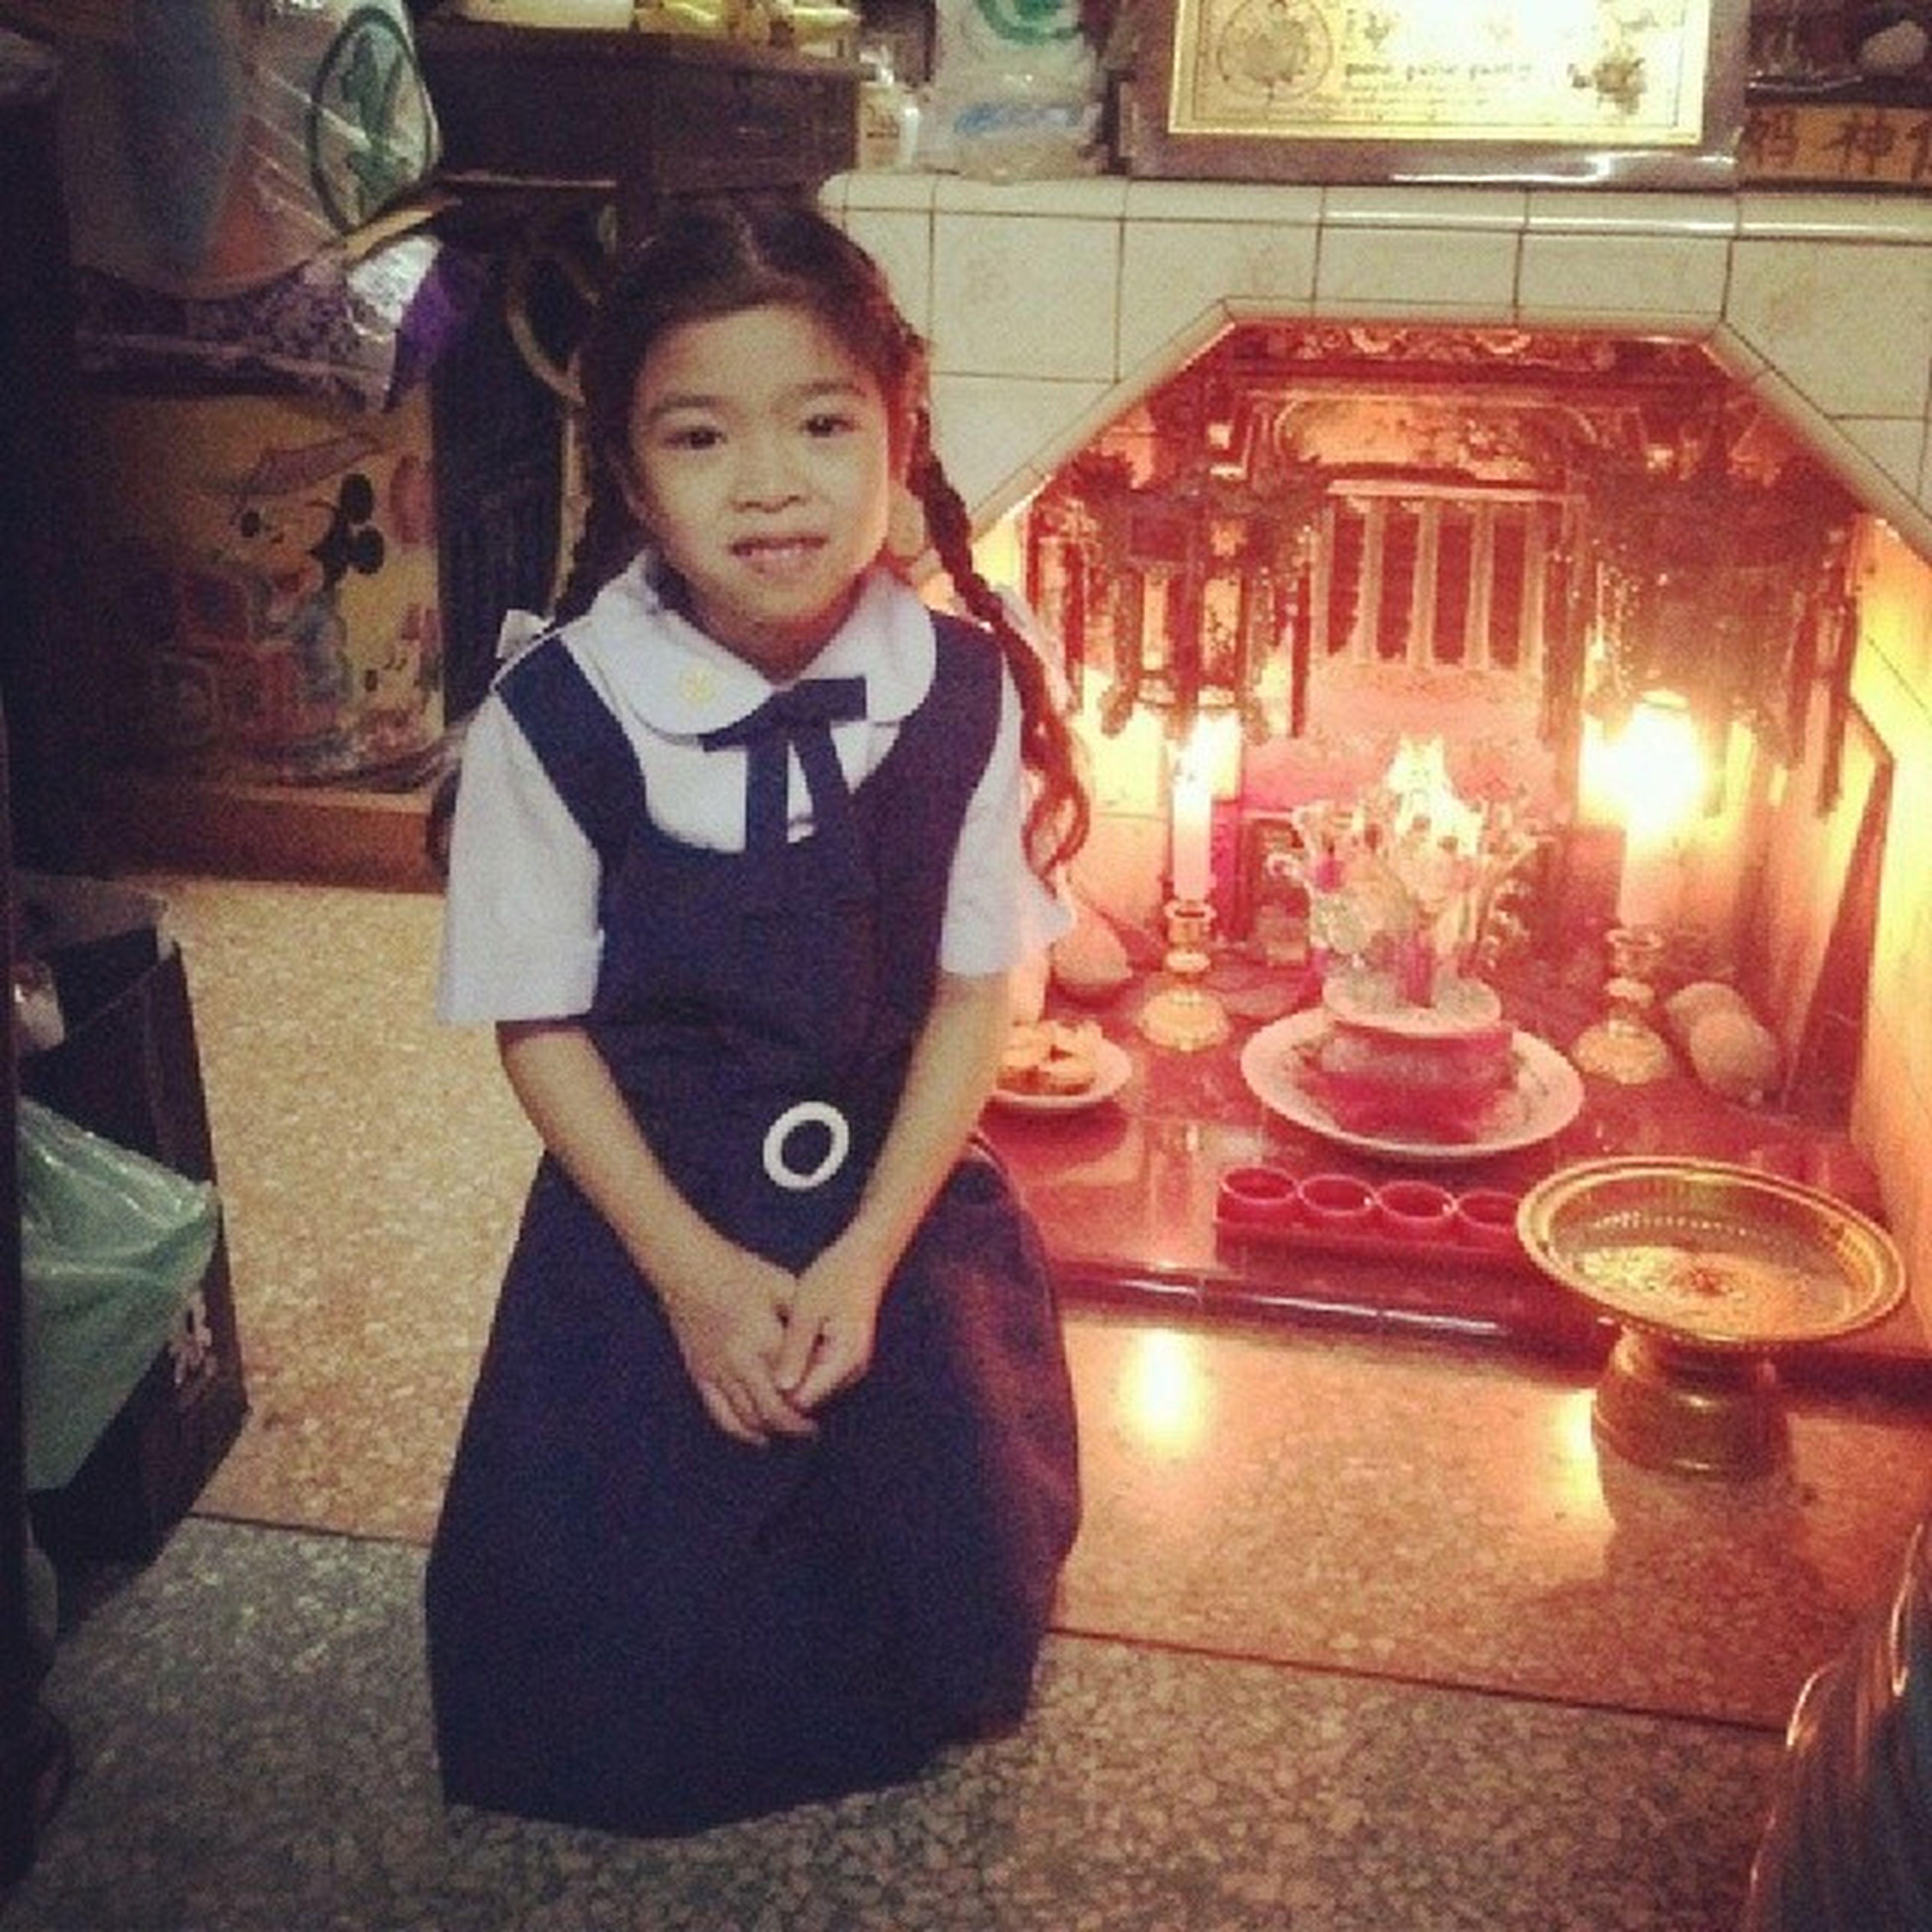 หลานรักกับ โรงเรียนใหม่ ตามธรรมเนียมต้องถ่ายรูปกะตี่จู่เอี๊ยะหน่อย ...แชะ!!! My lovely niece with her new school uniform earnny ???